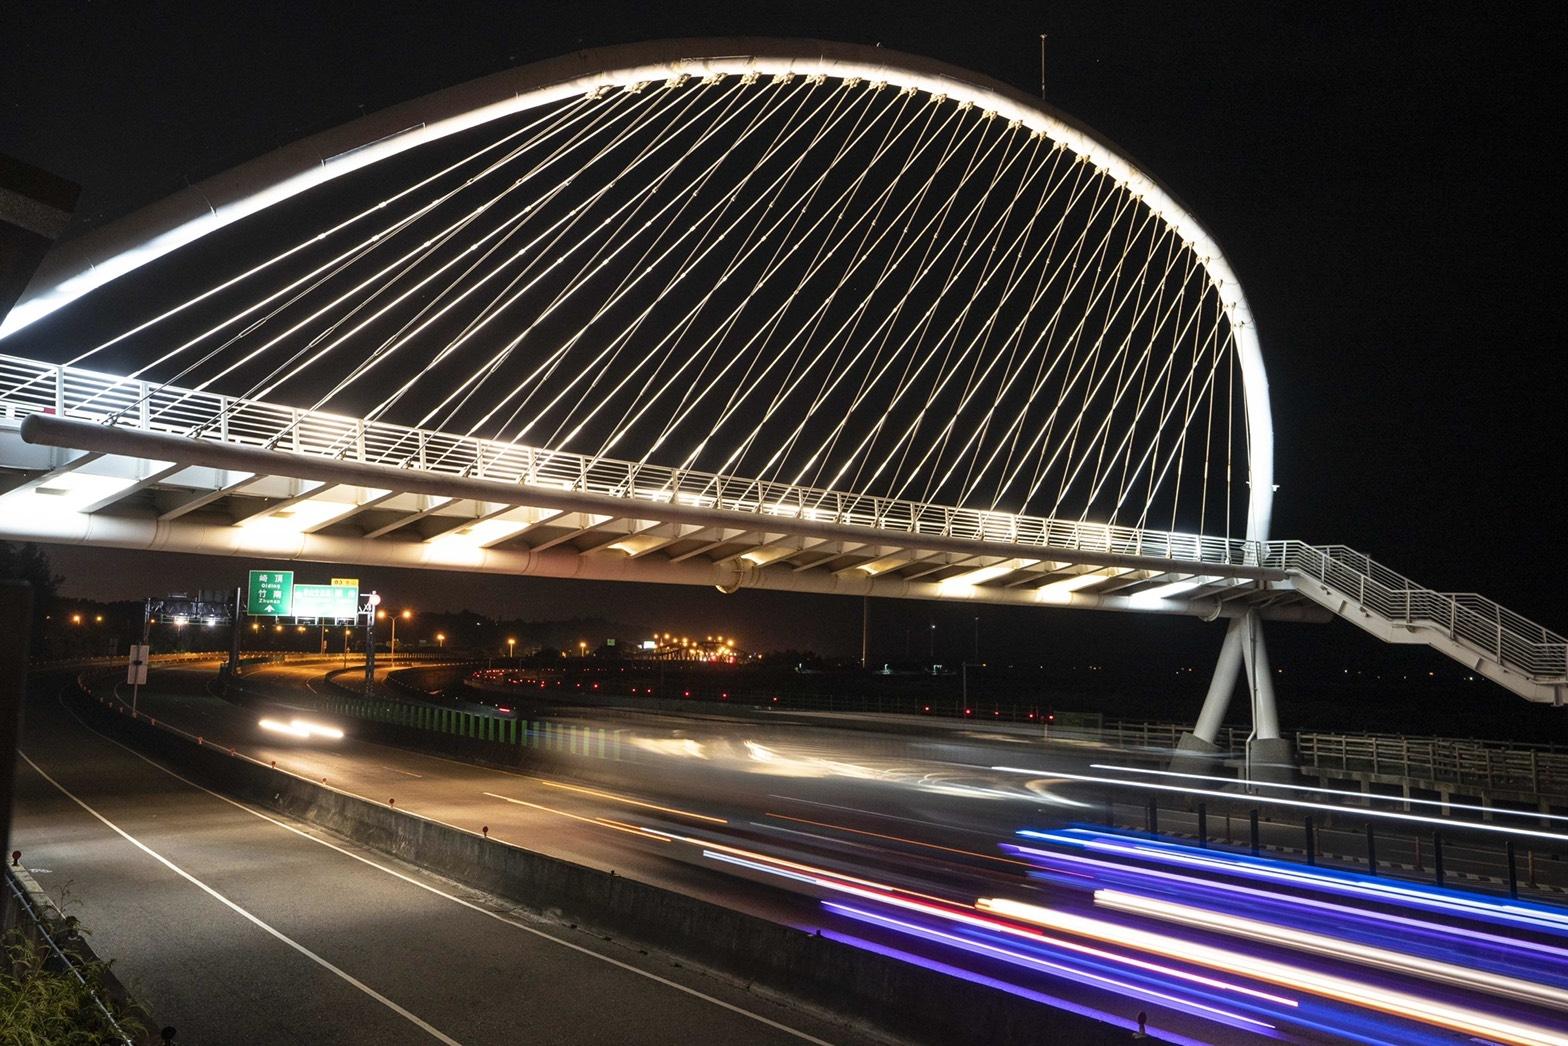 1.豎琴橋更換18盞燈具,夜景更美麗